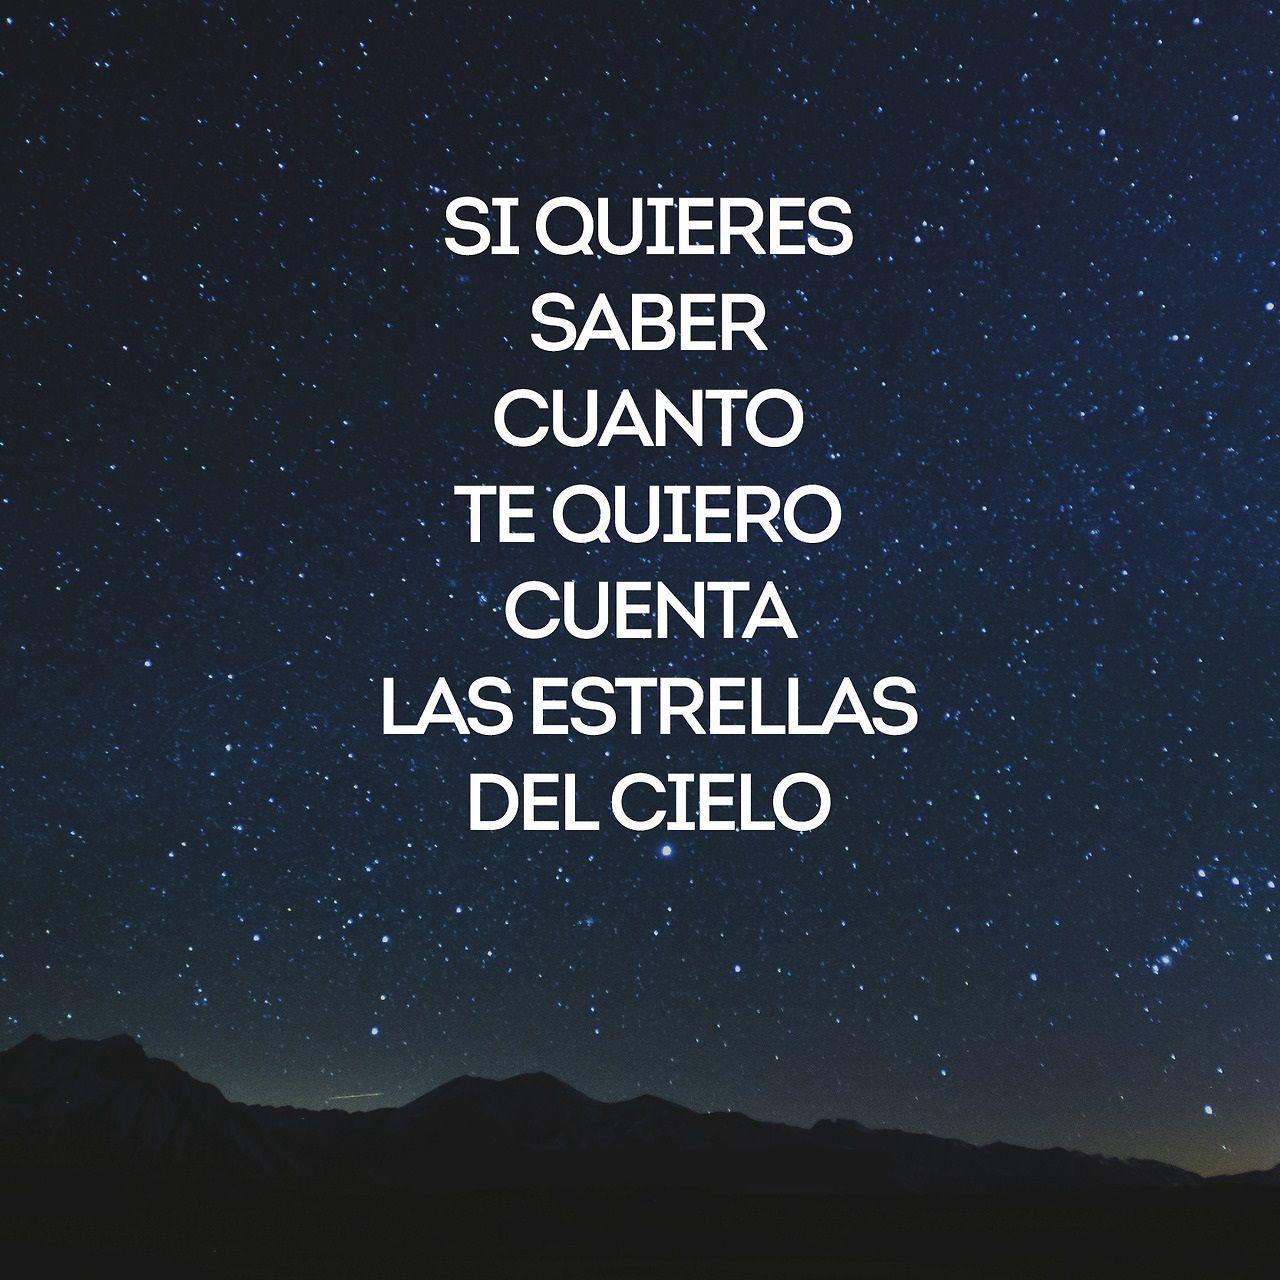 Son Infinitas Las Estrellas Frases De Amor Frases